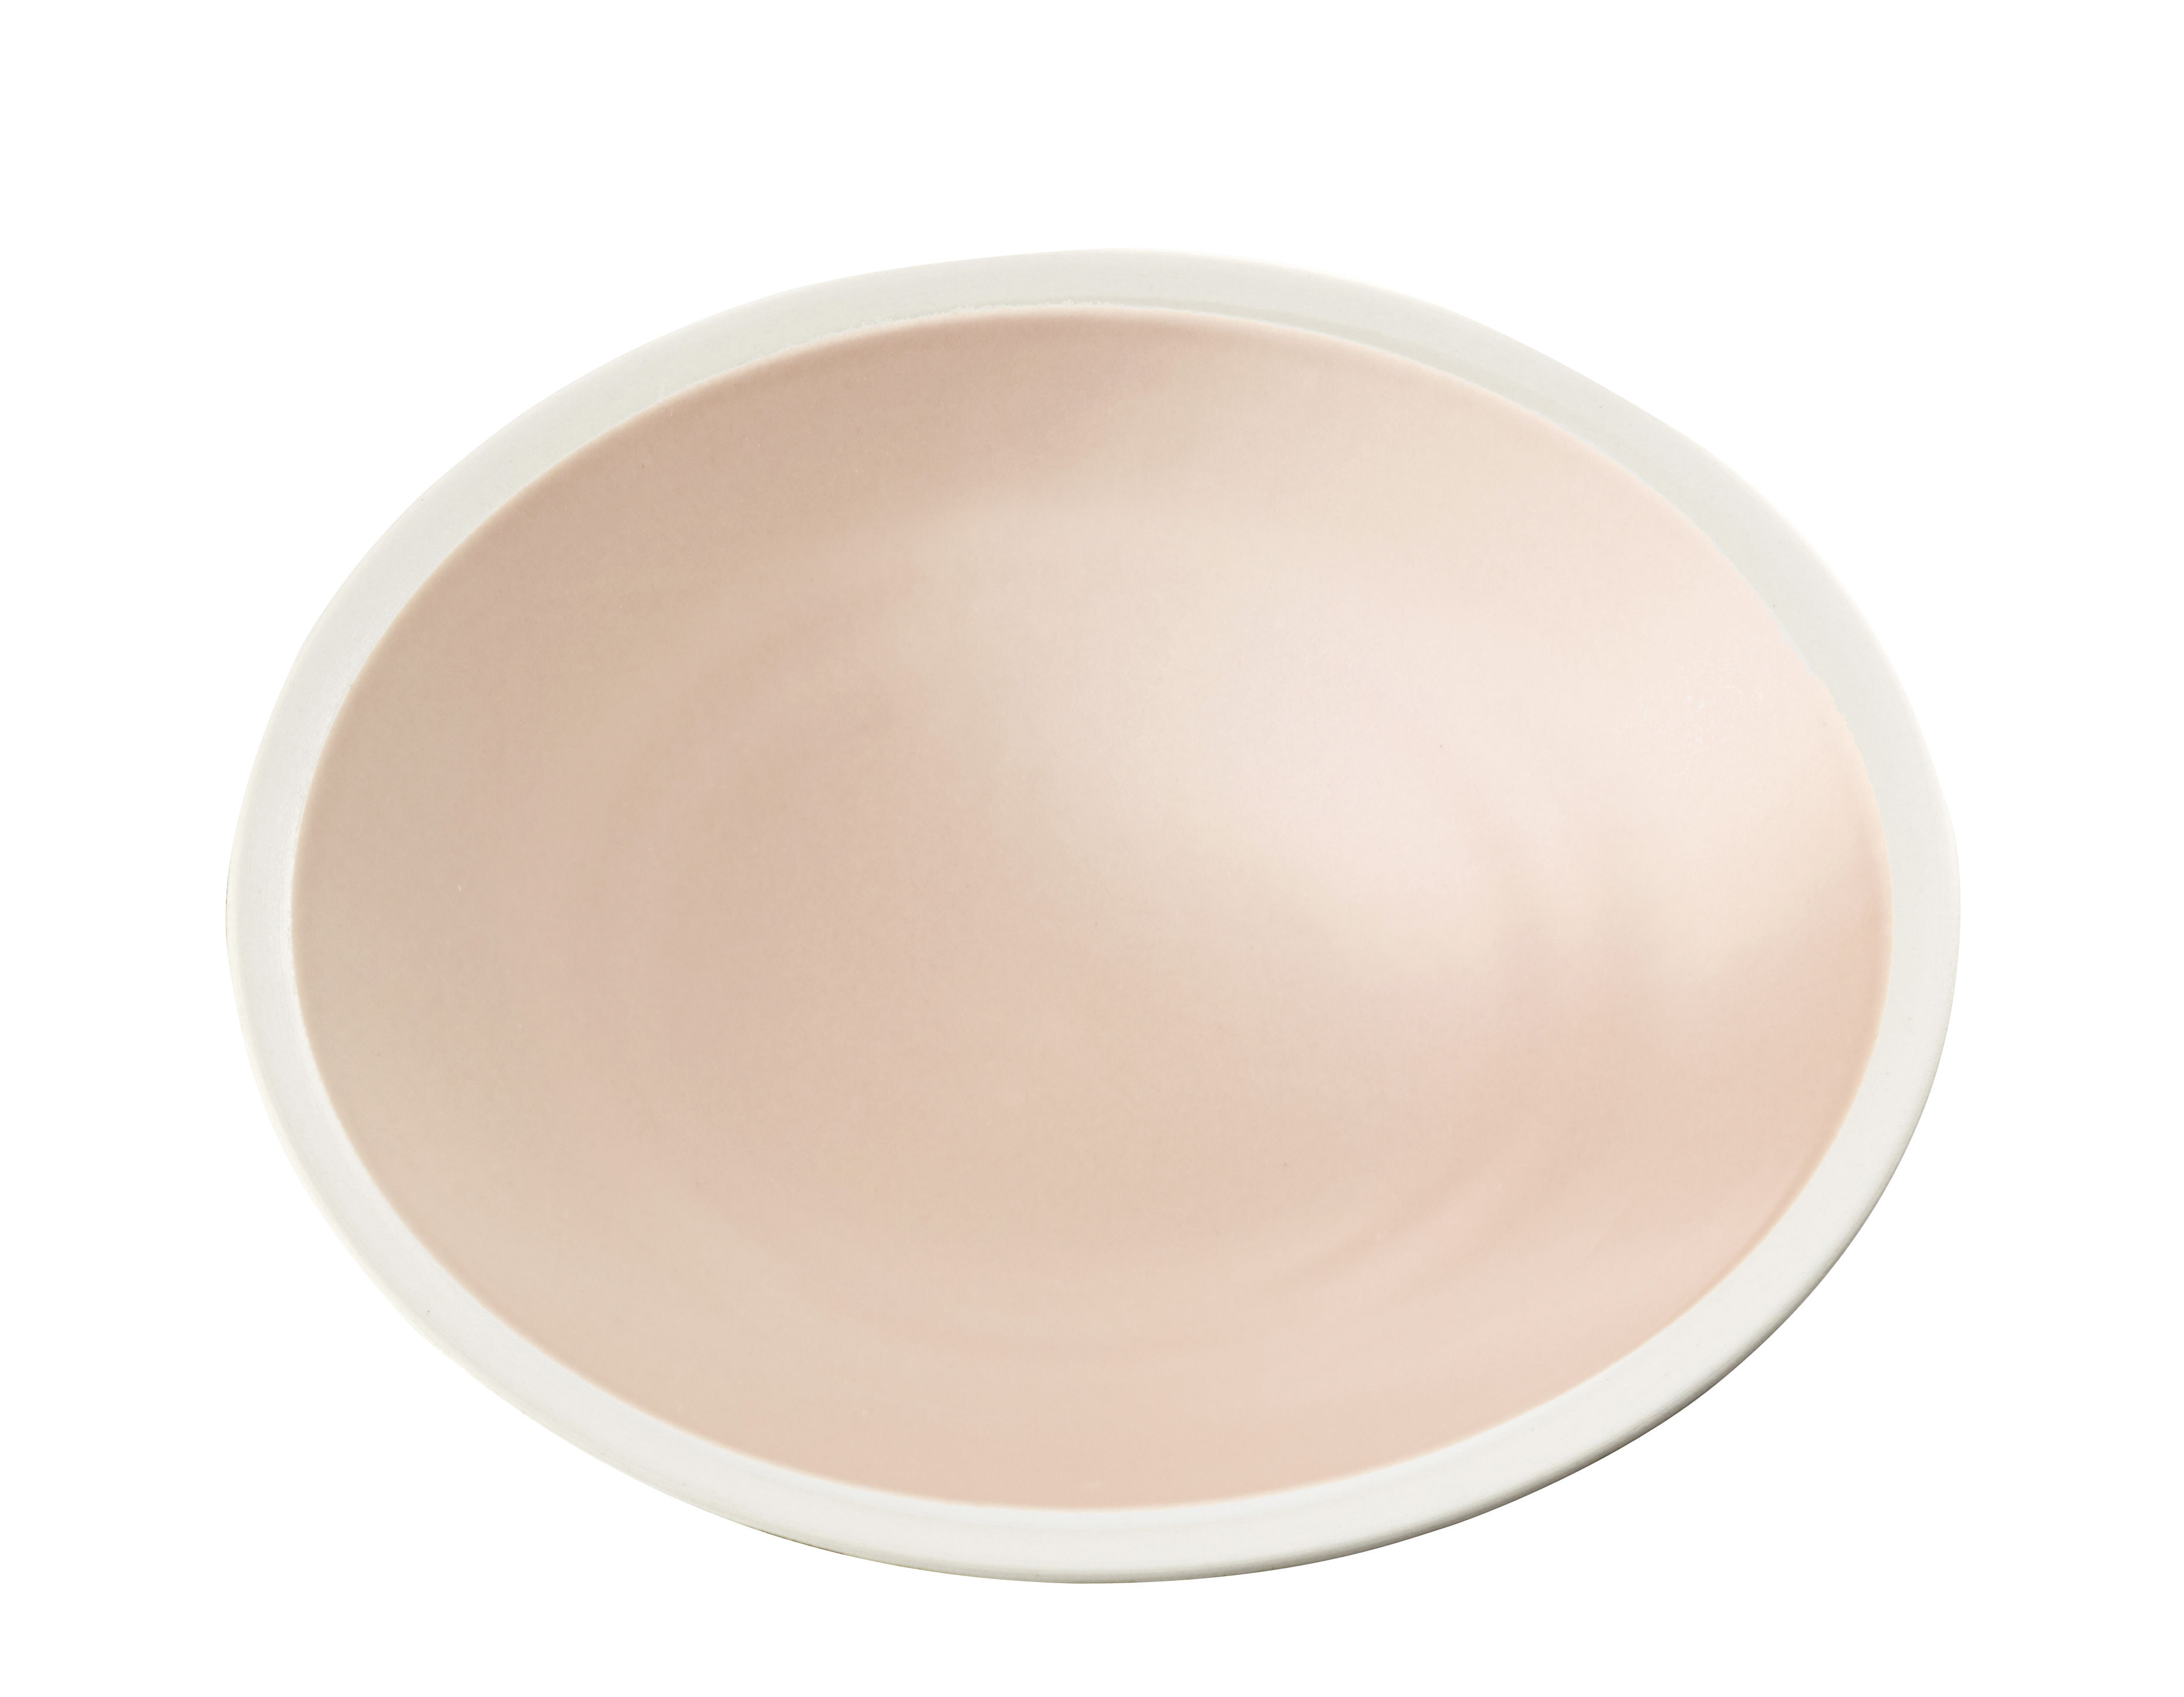 Arts de la table - Assiettes - Assiette à dessert Sicilia / Ø 20 cm - Maison Sarah Lavoine - Baby rose / Blanc - Grès peint et émaillé